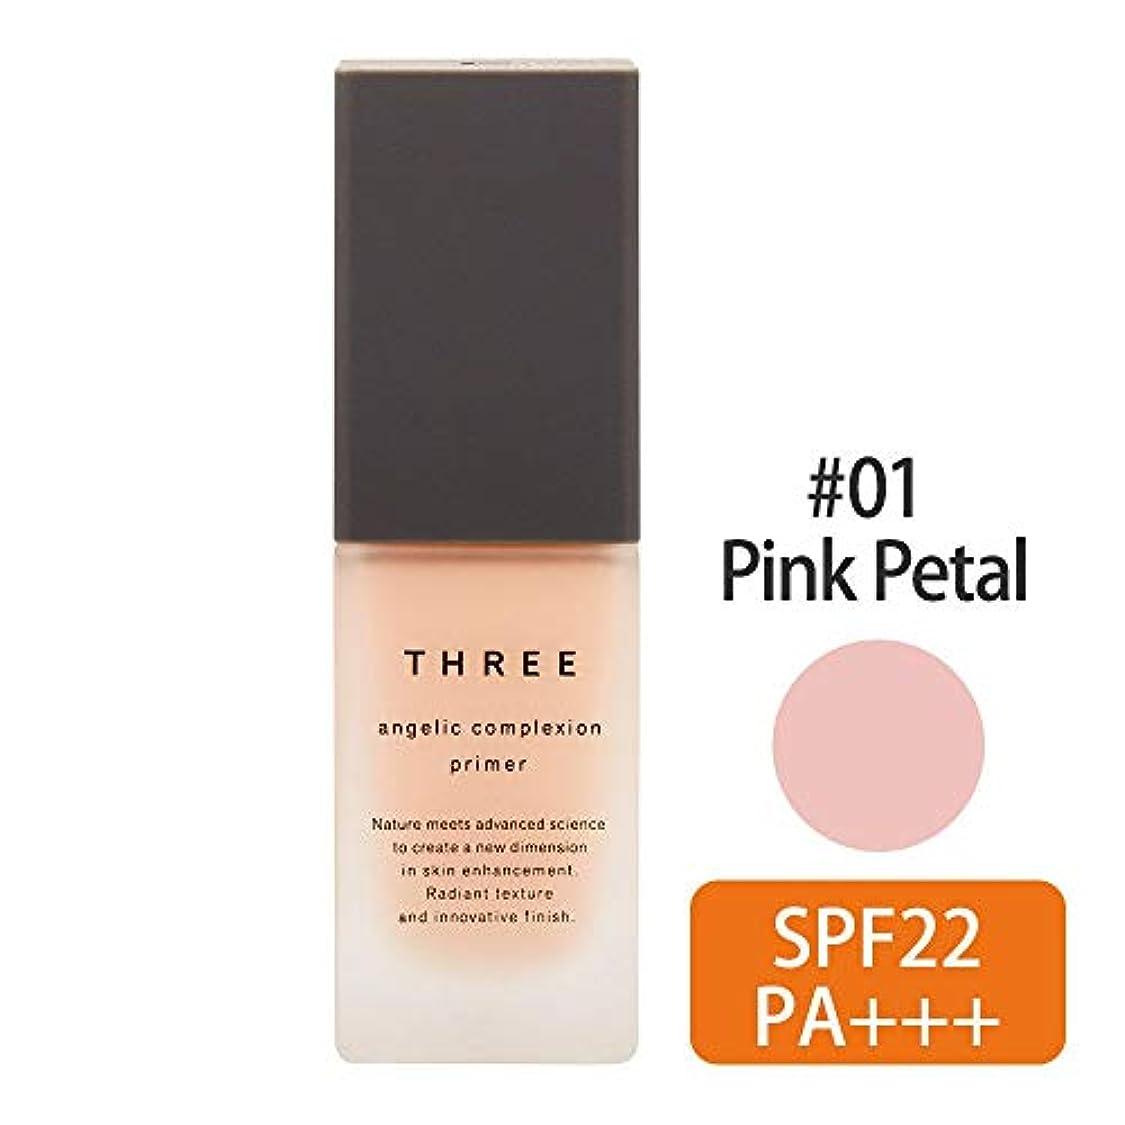 にぎやか小麦粉性別スリー(THREE) THREE アンジェリックコンプレクションプライマー #01(Pink Petal) 30g [並行輸入品]